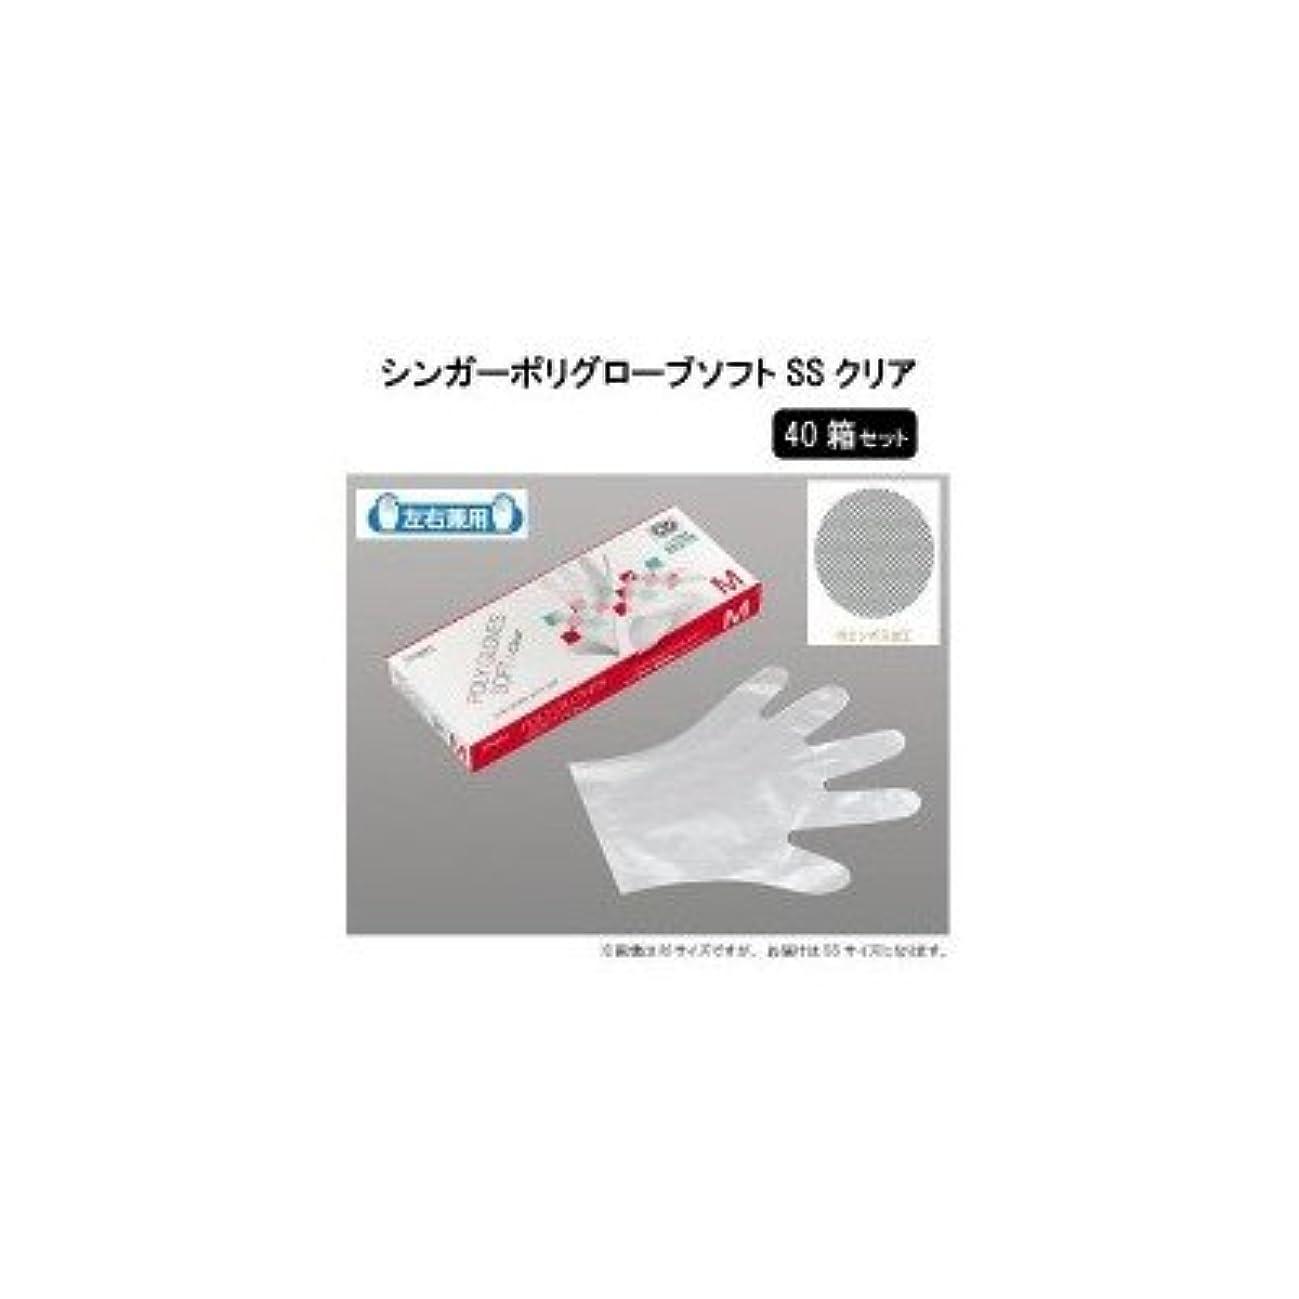 ねじれクローゼット参照する宇都宮製作 シンガーポリグローブソフト SS クリア 箱入り(100枚)×40箱